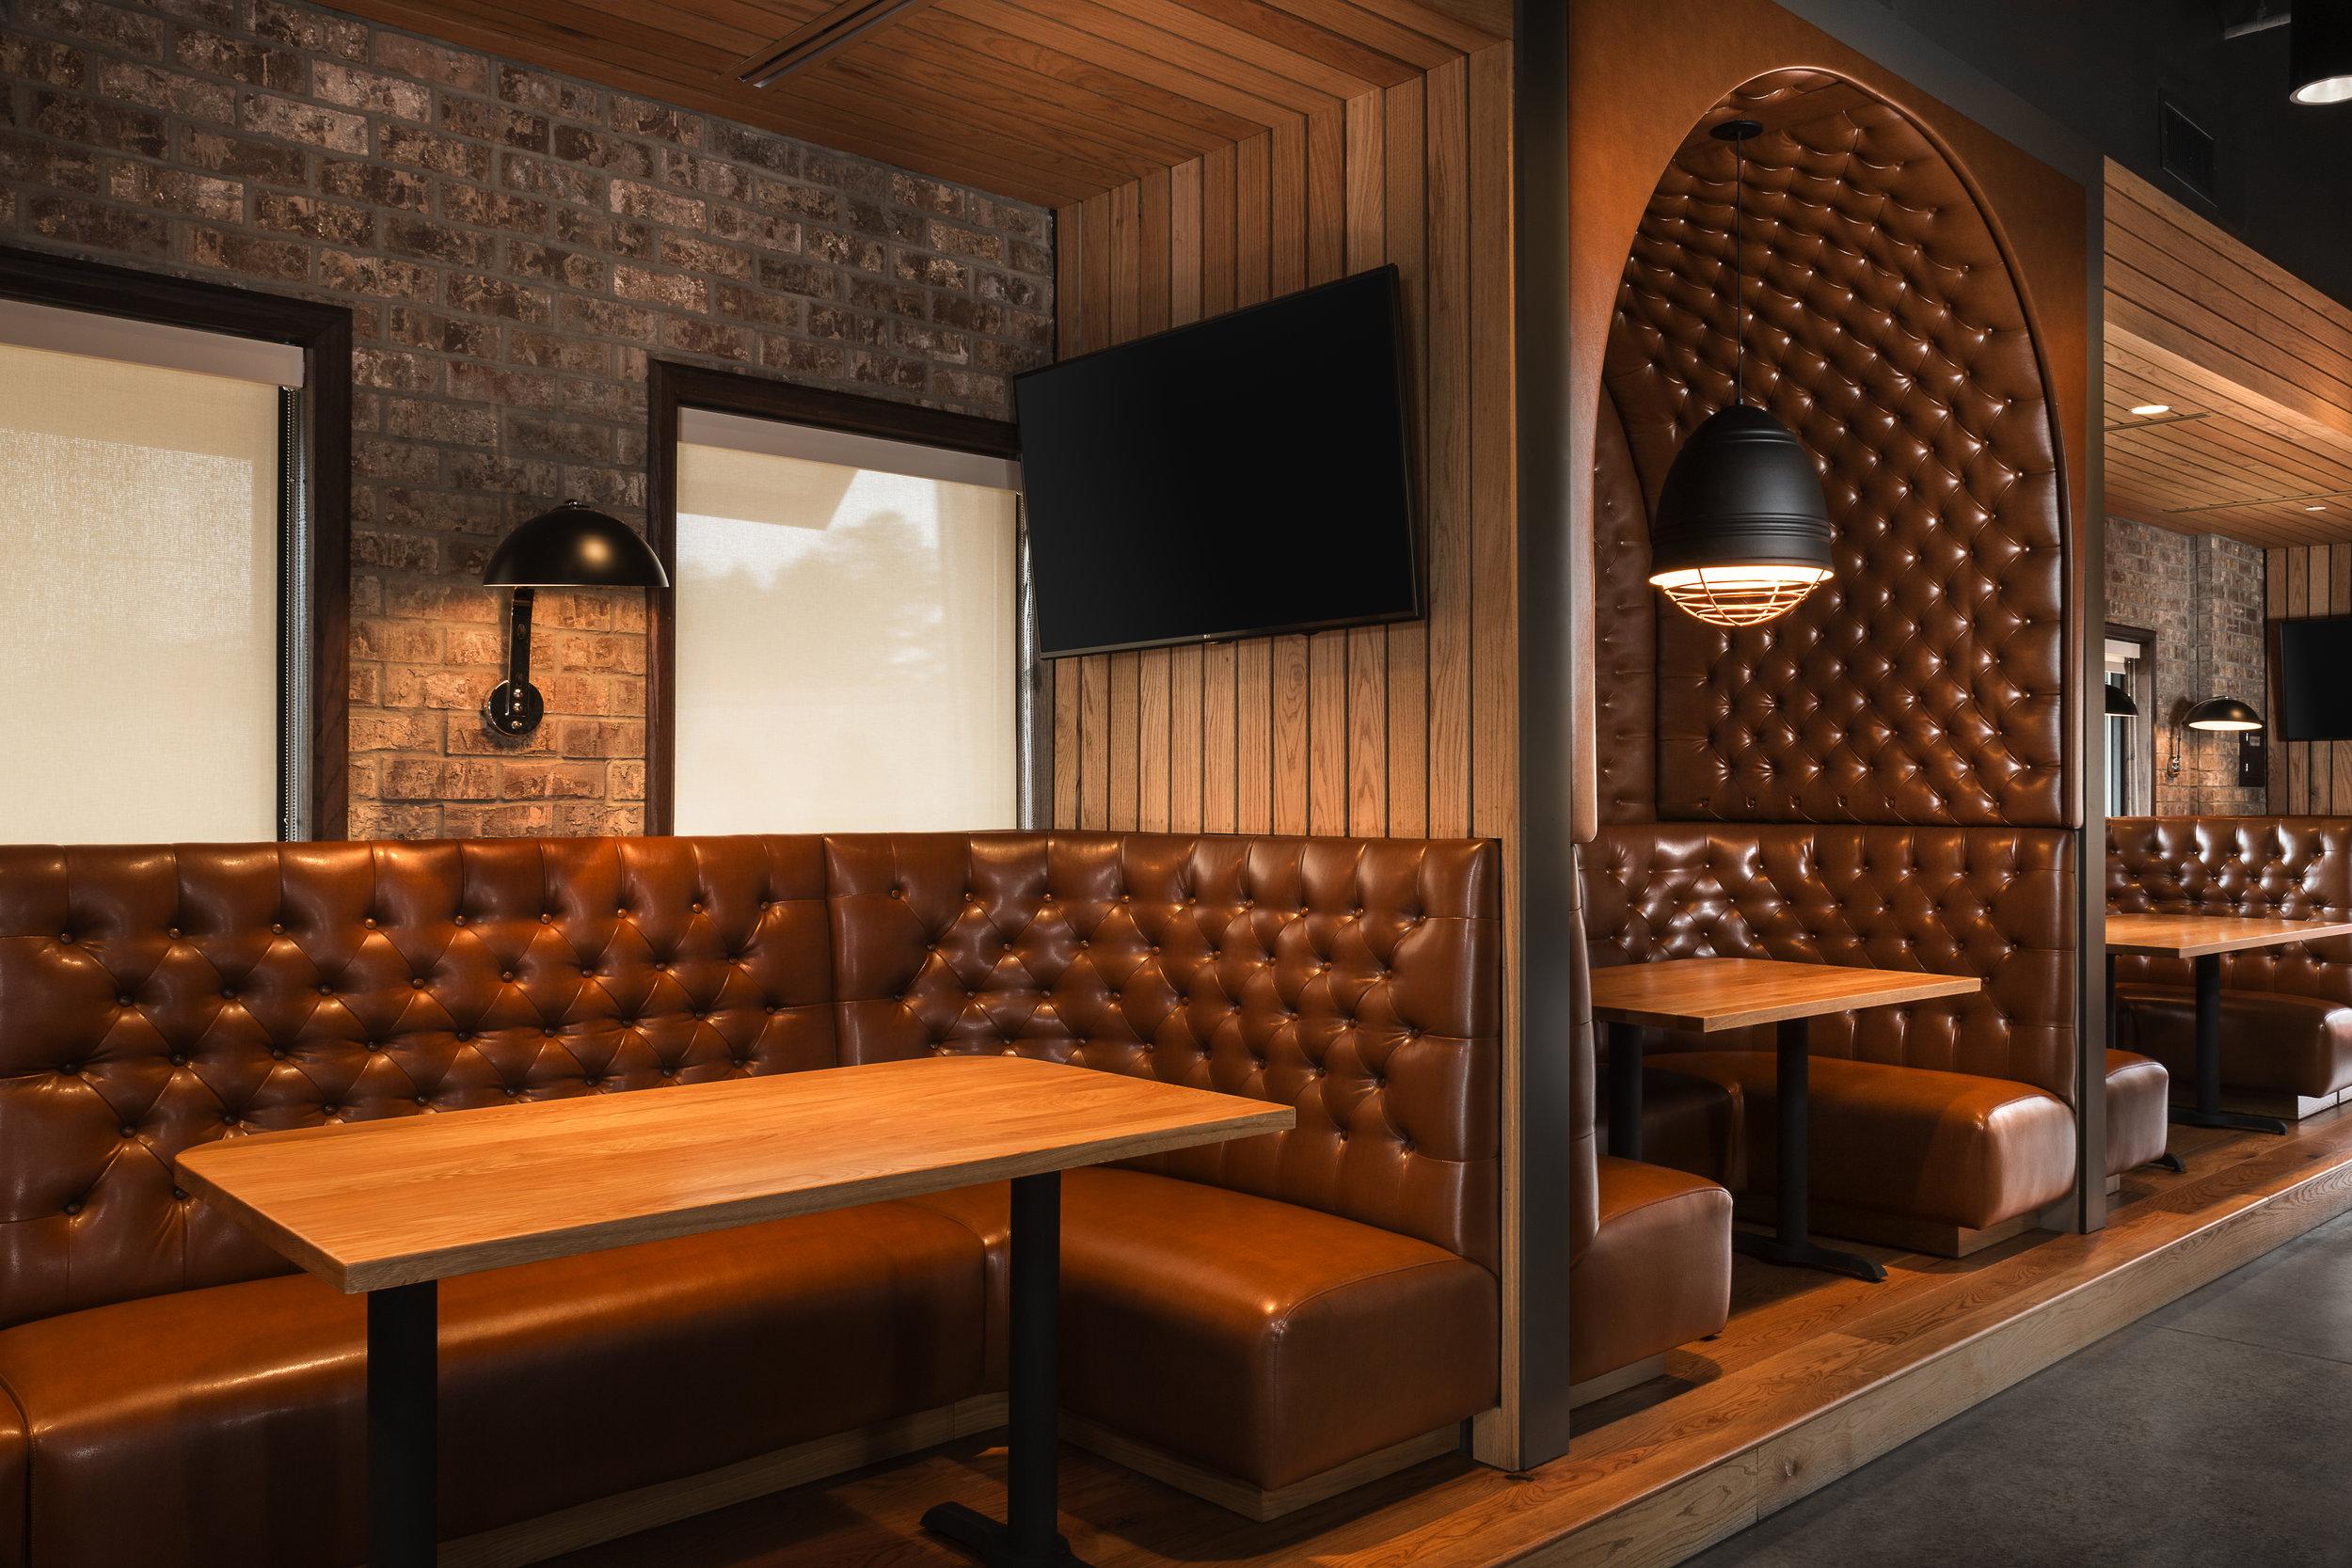 Creatwood Tavern in Smyrna, GA for Pellicano Construction